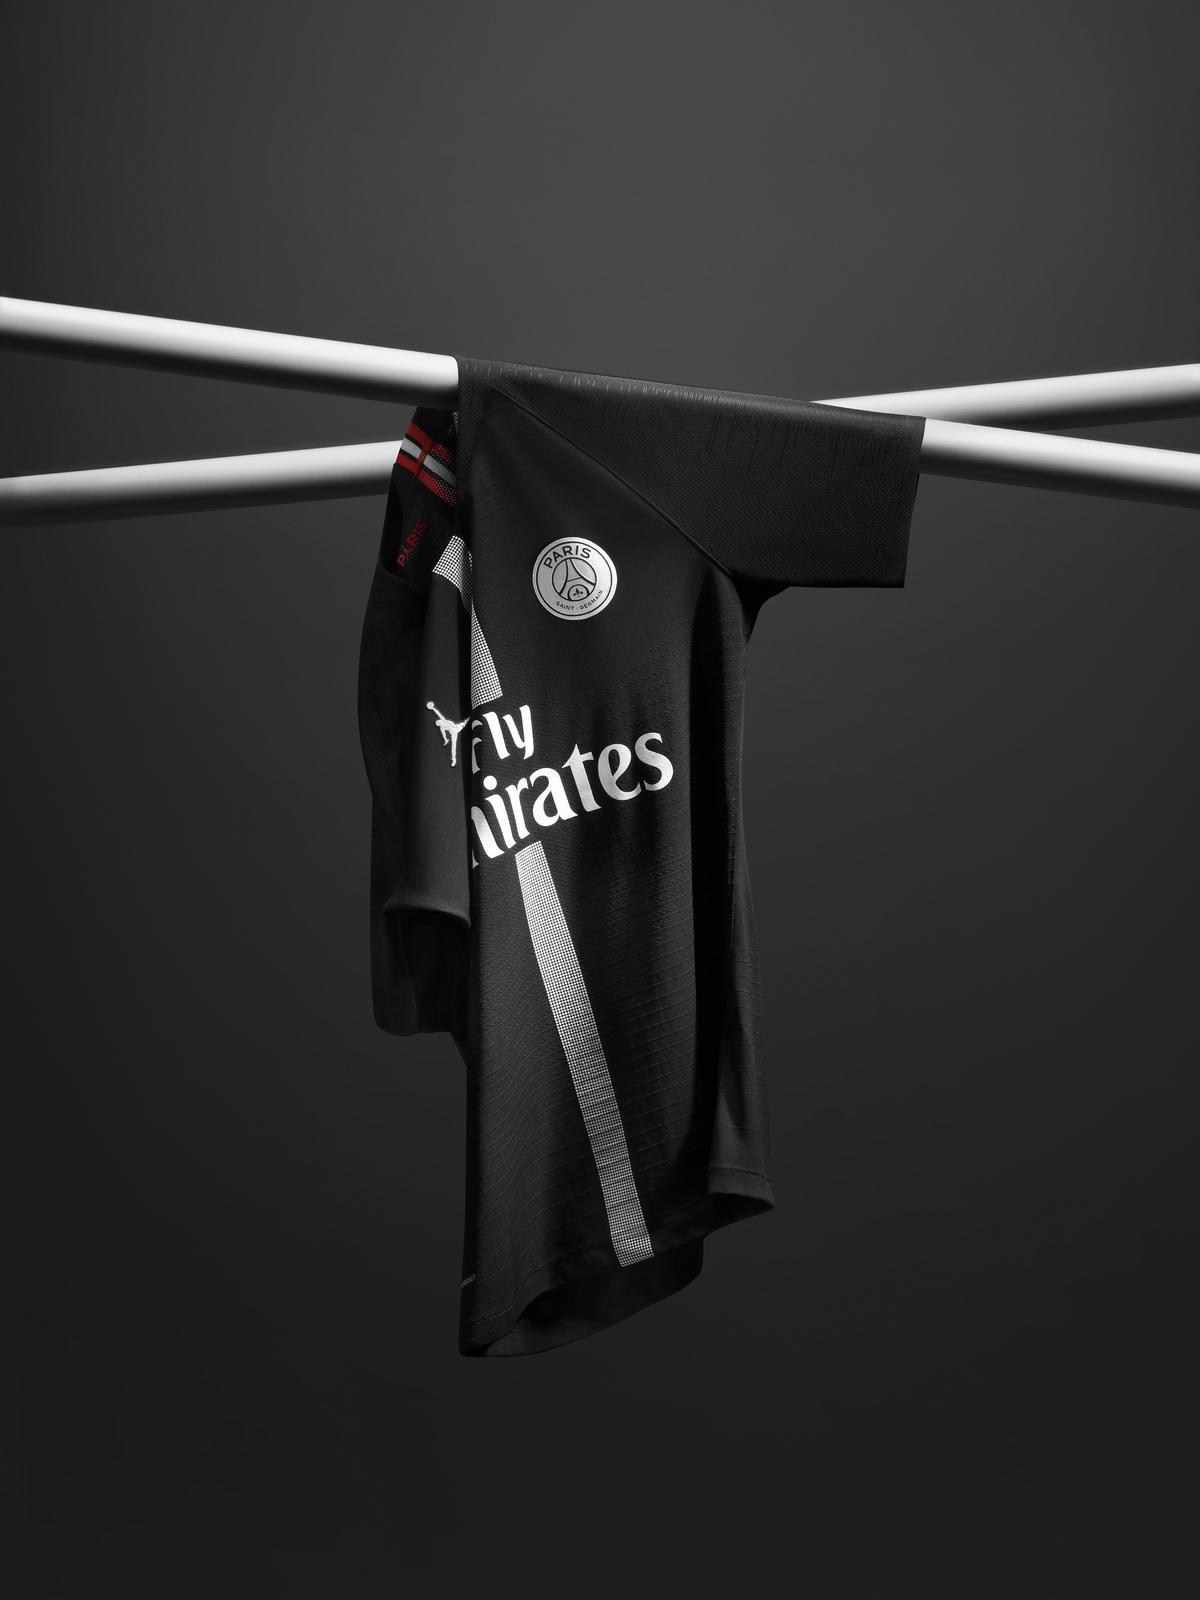 Paris Saint Germain 2018 19 Jordan Third Kit 18 19 Kits Football Shirt Blog